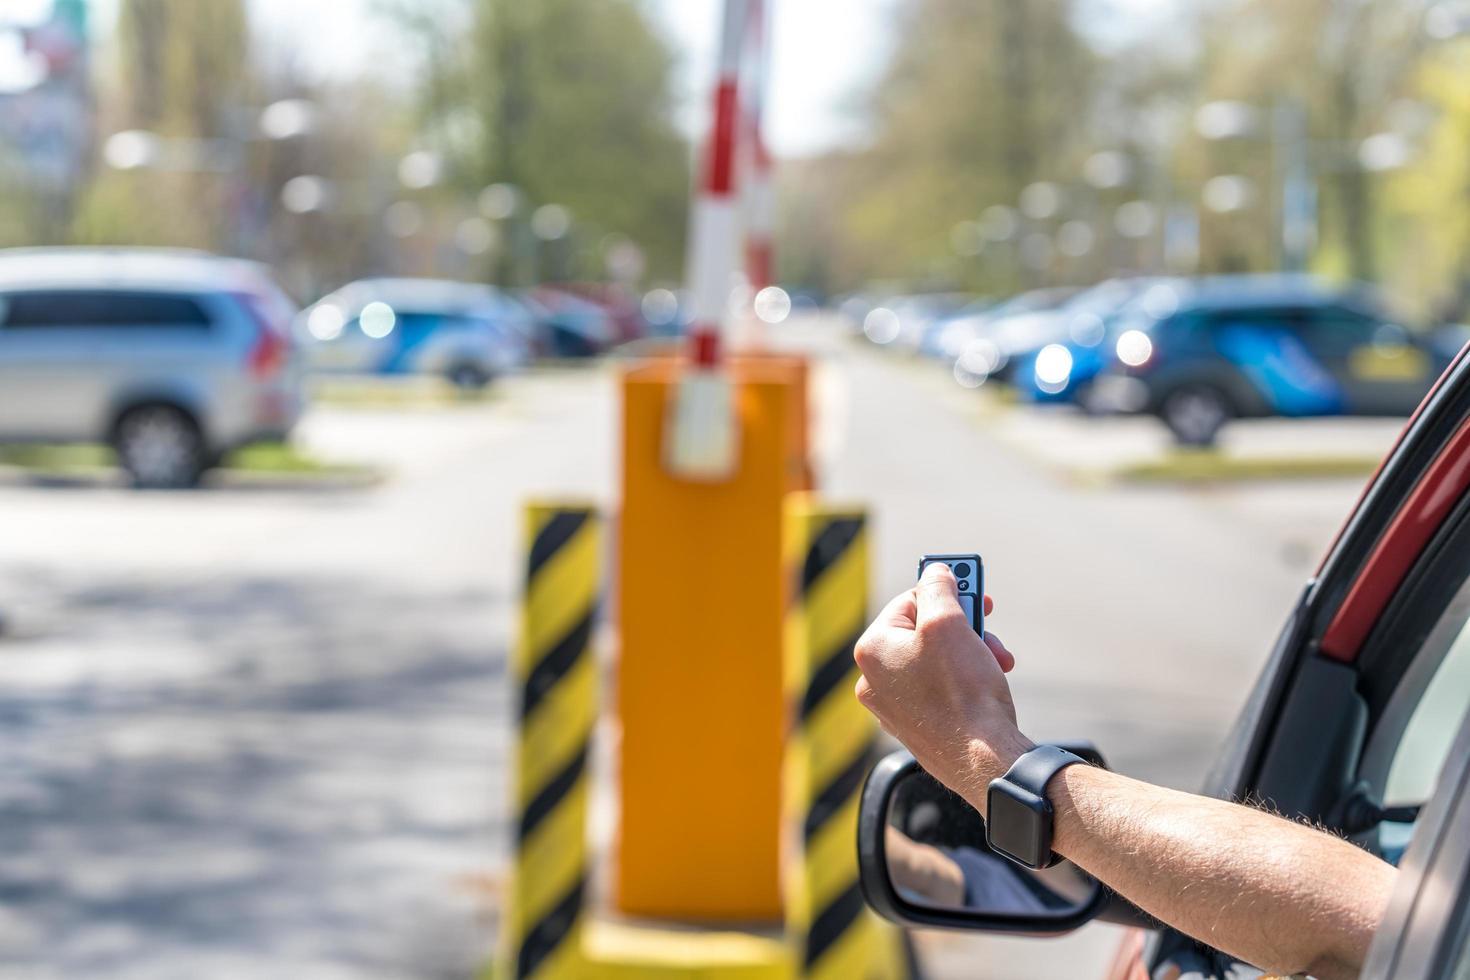 autobestuurder heft parkeerbarrière op om kavel te verlaten foto